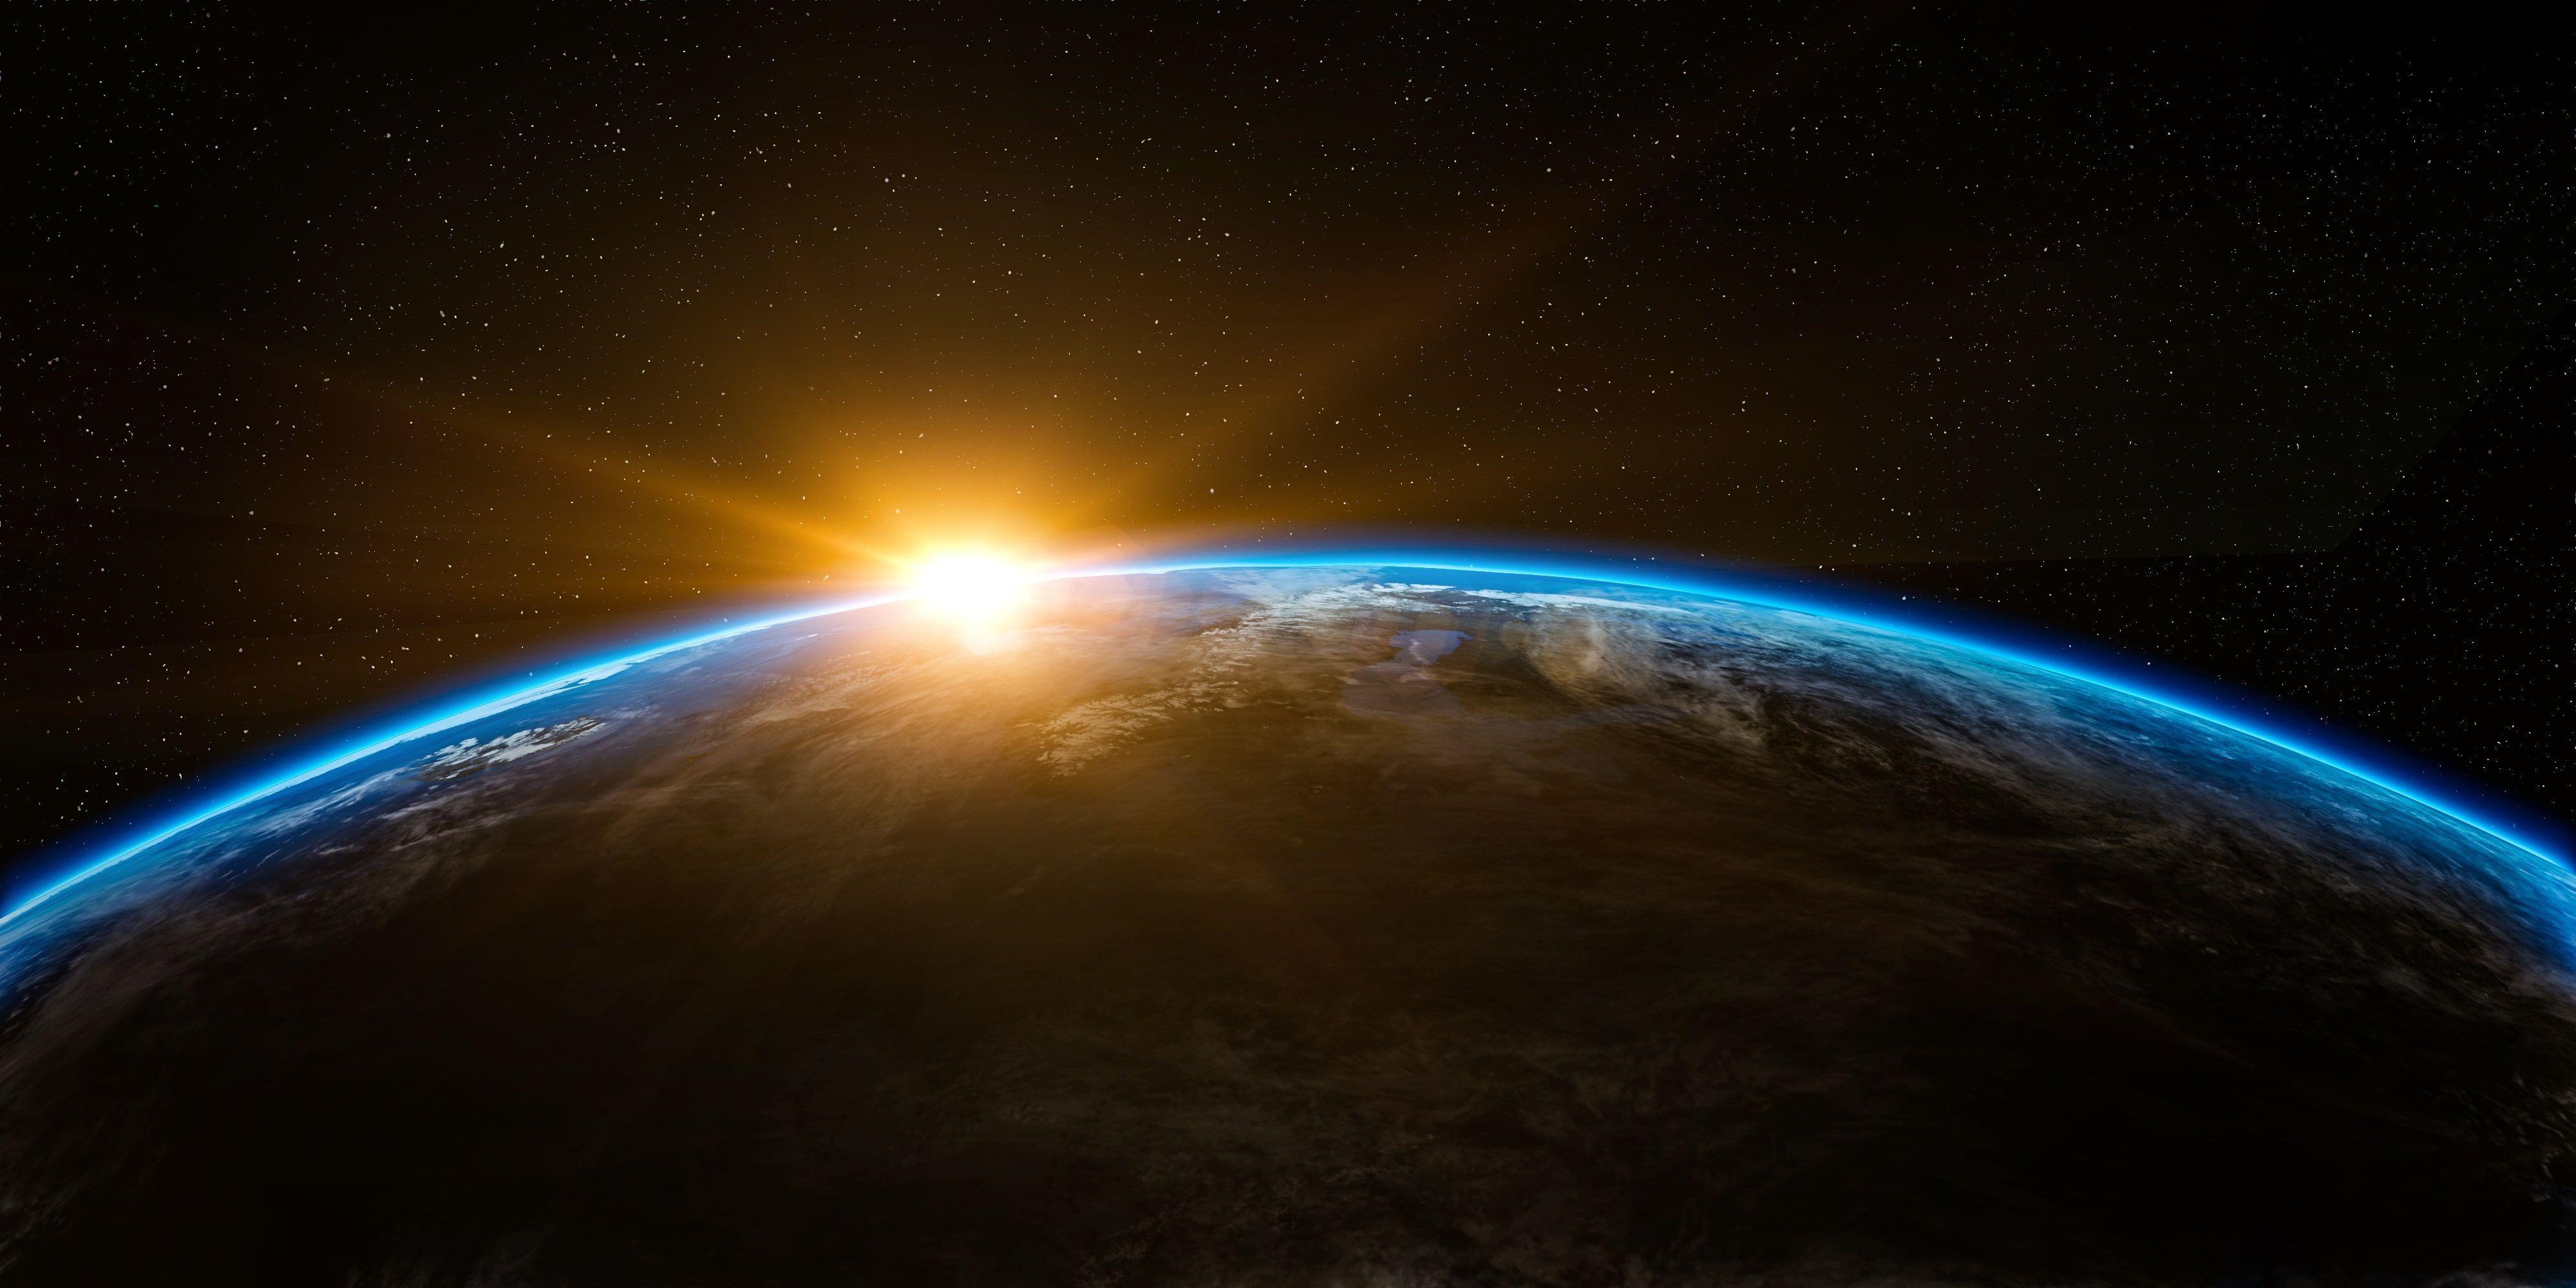 4k Sunset Earth 4k Wallpaper Hdwallpaper Desktop In